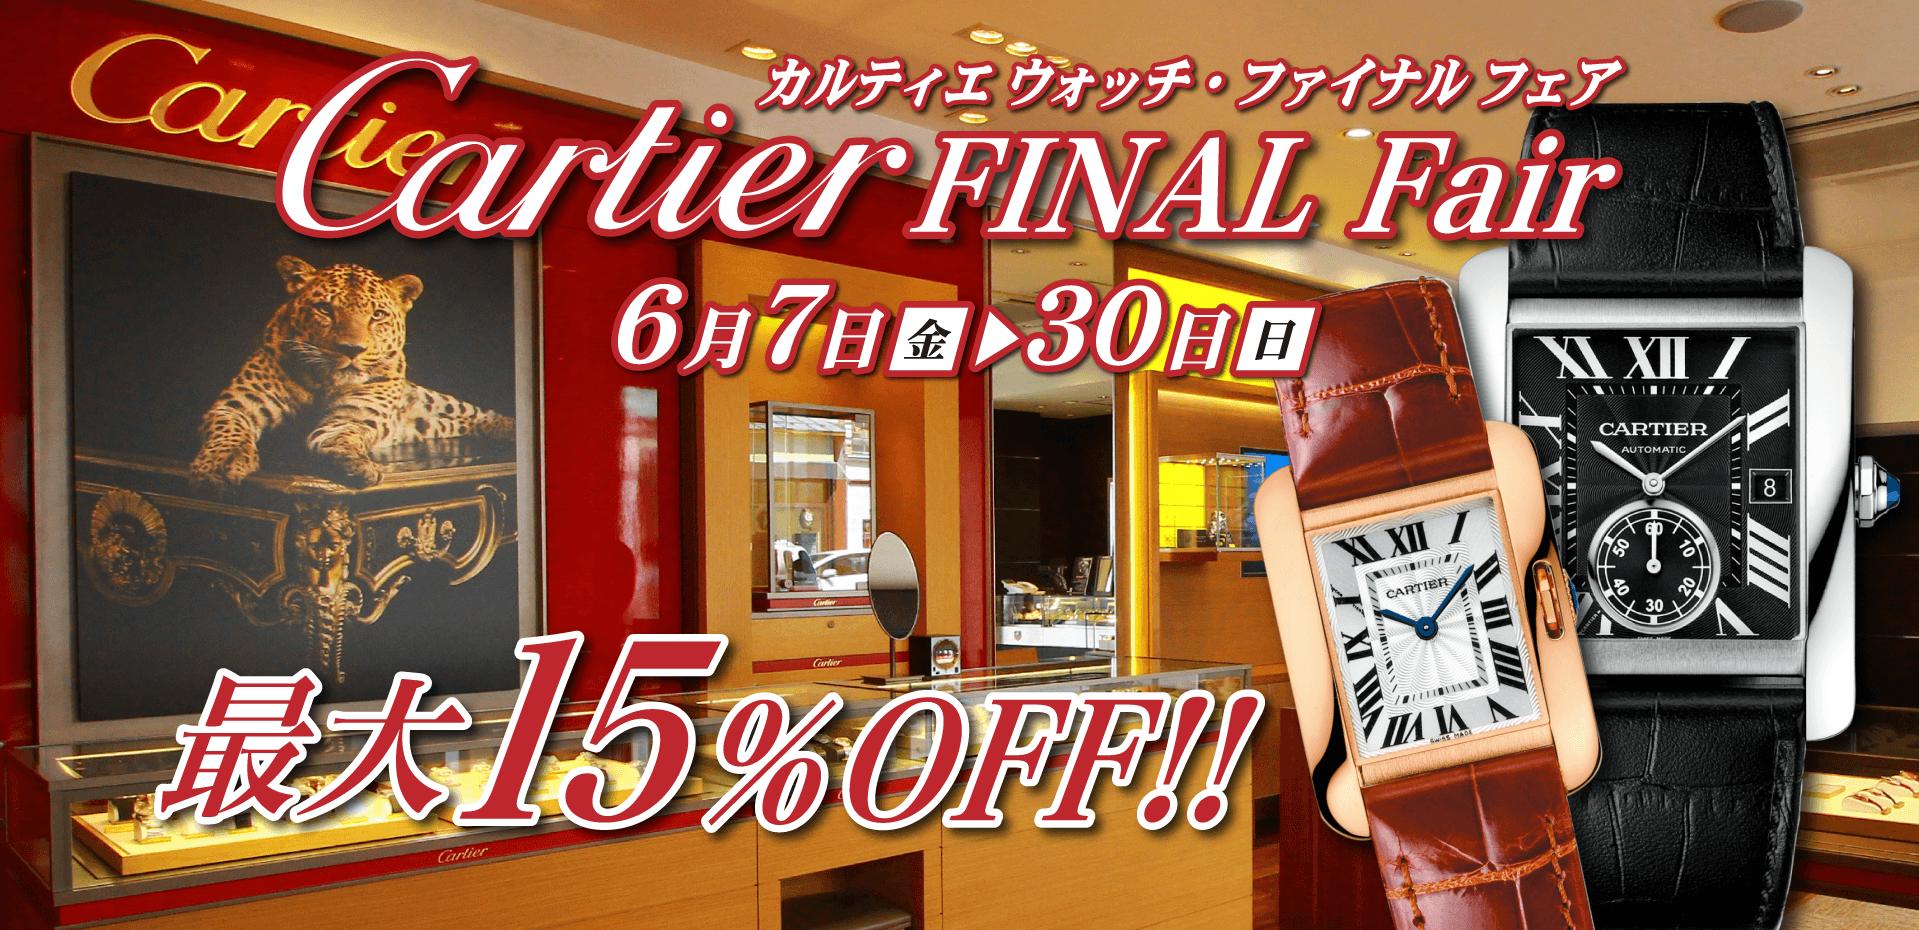 カルティエウォッチ・ファイナルフェア Cartier Final Fair 6月7日〜30日 最大15%OFF!!